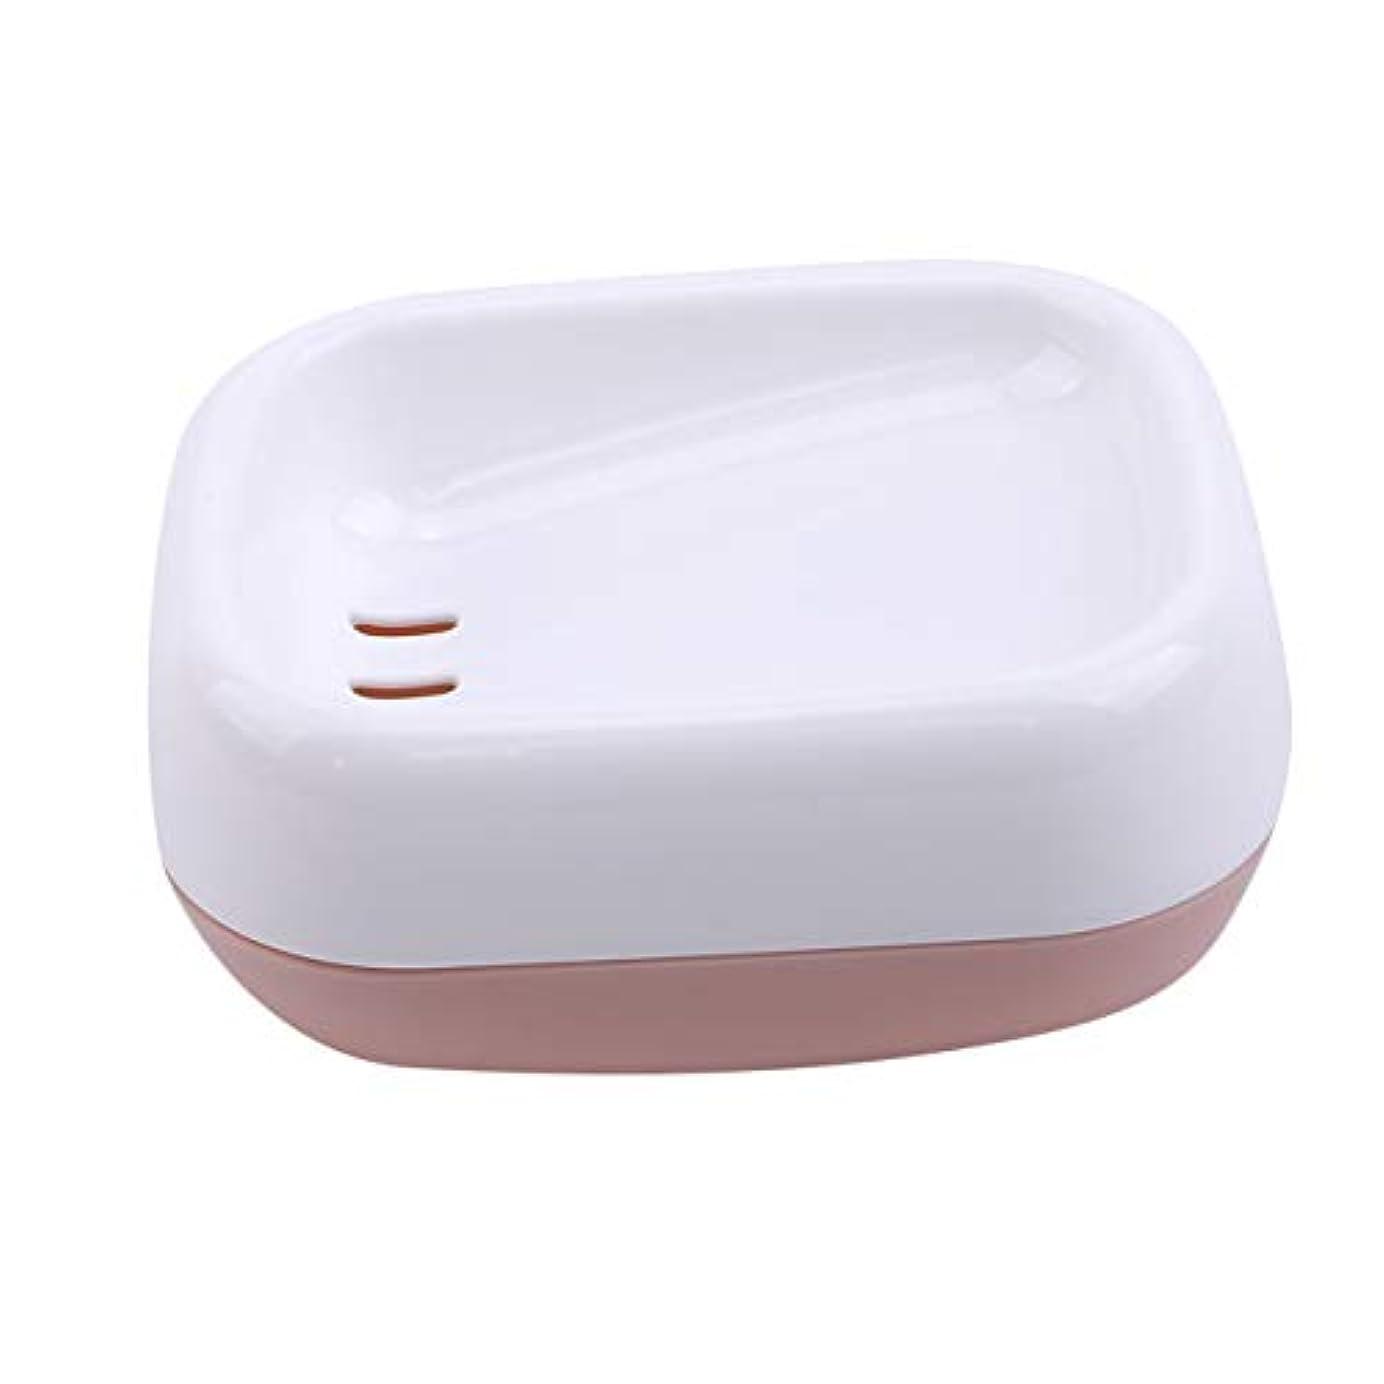 促進する専門知識ブランド名ZALINGソープディッシュボックス浴室プラスチック二重層衛生的なシンプル排水コンテナソープディッシュピンク